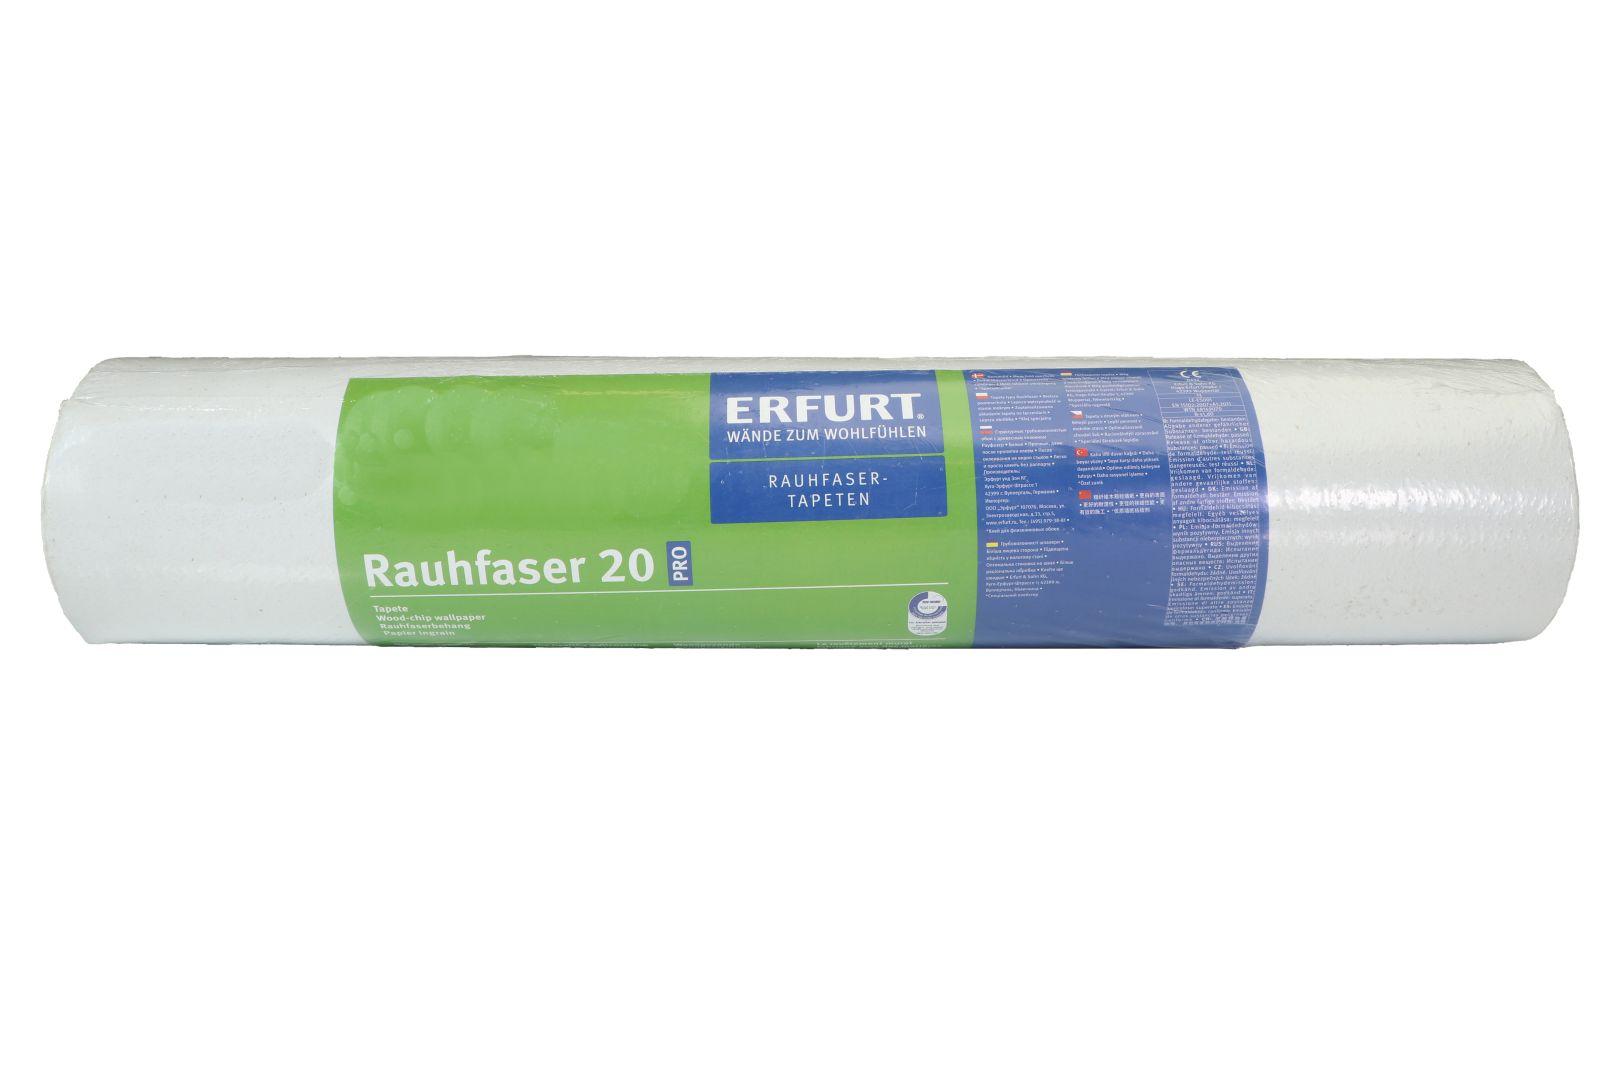 ERFURT Rauhfaser Tapete 20 Pro, feine Struktur, 33,5 x 0,53 m, ausreichend für 17,755 m², 1 Rolle